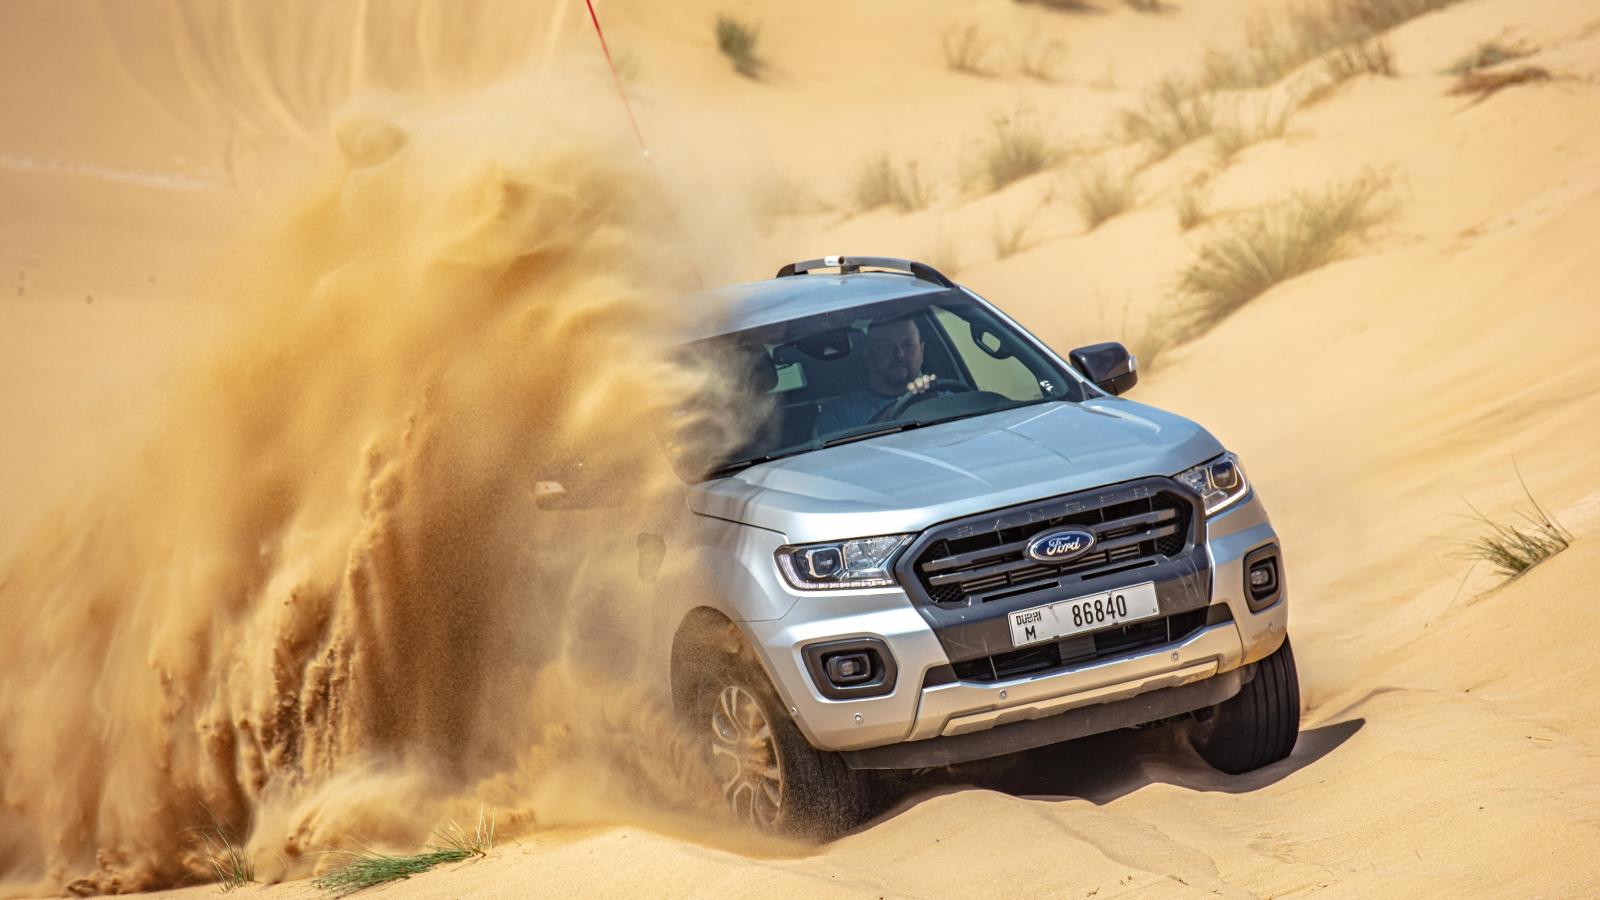 """Thử nghiệm khả năng """"chịu đựng"""" của Ford Ranger trên sa mạc 50 độ C"""